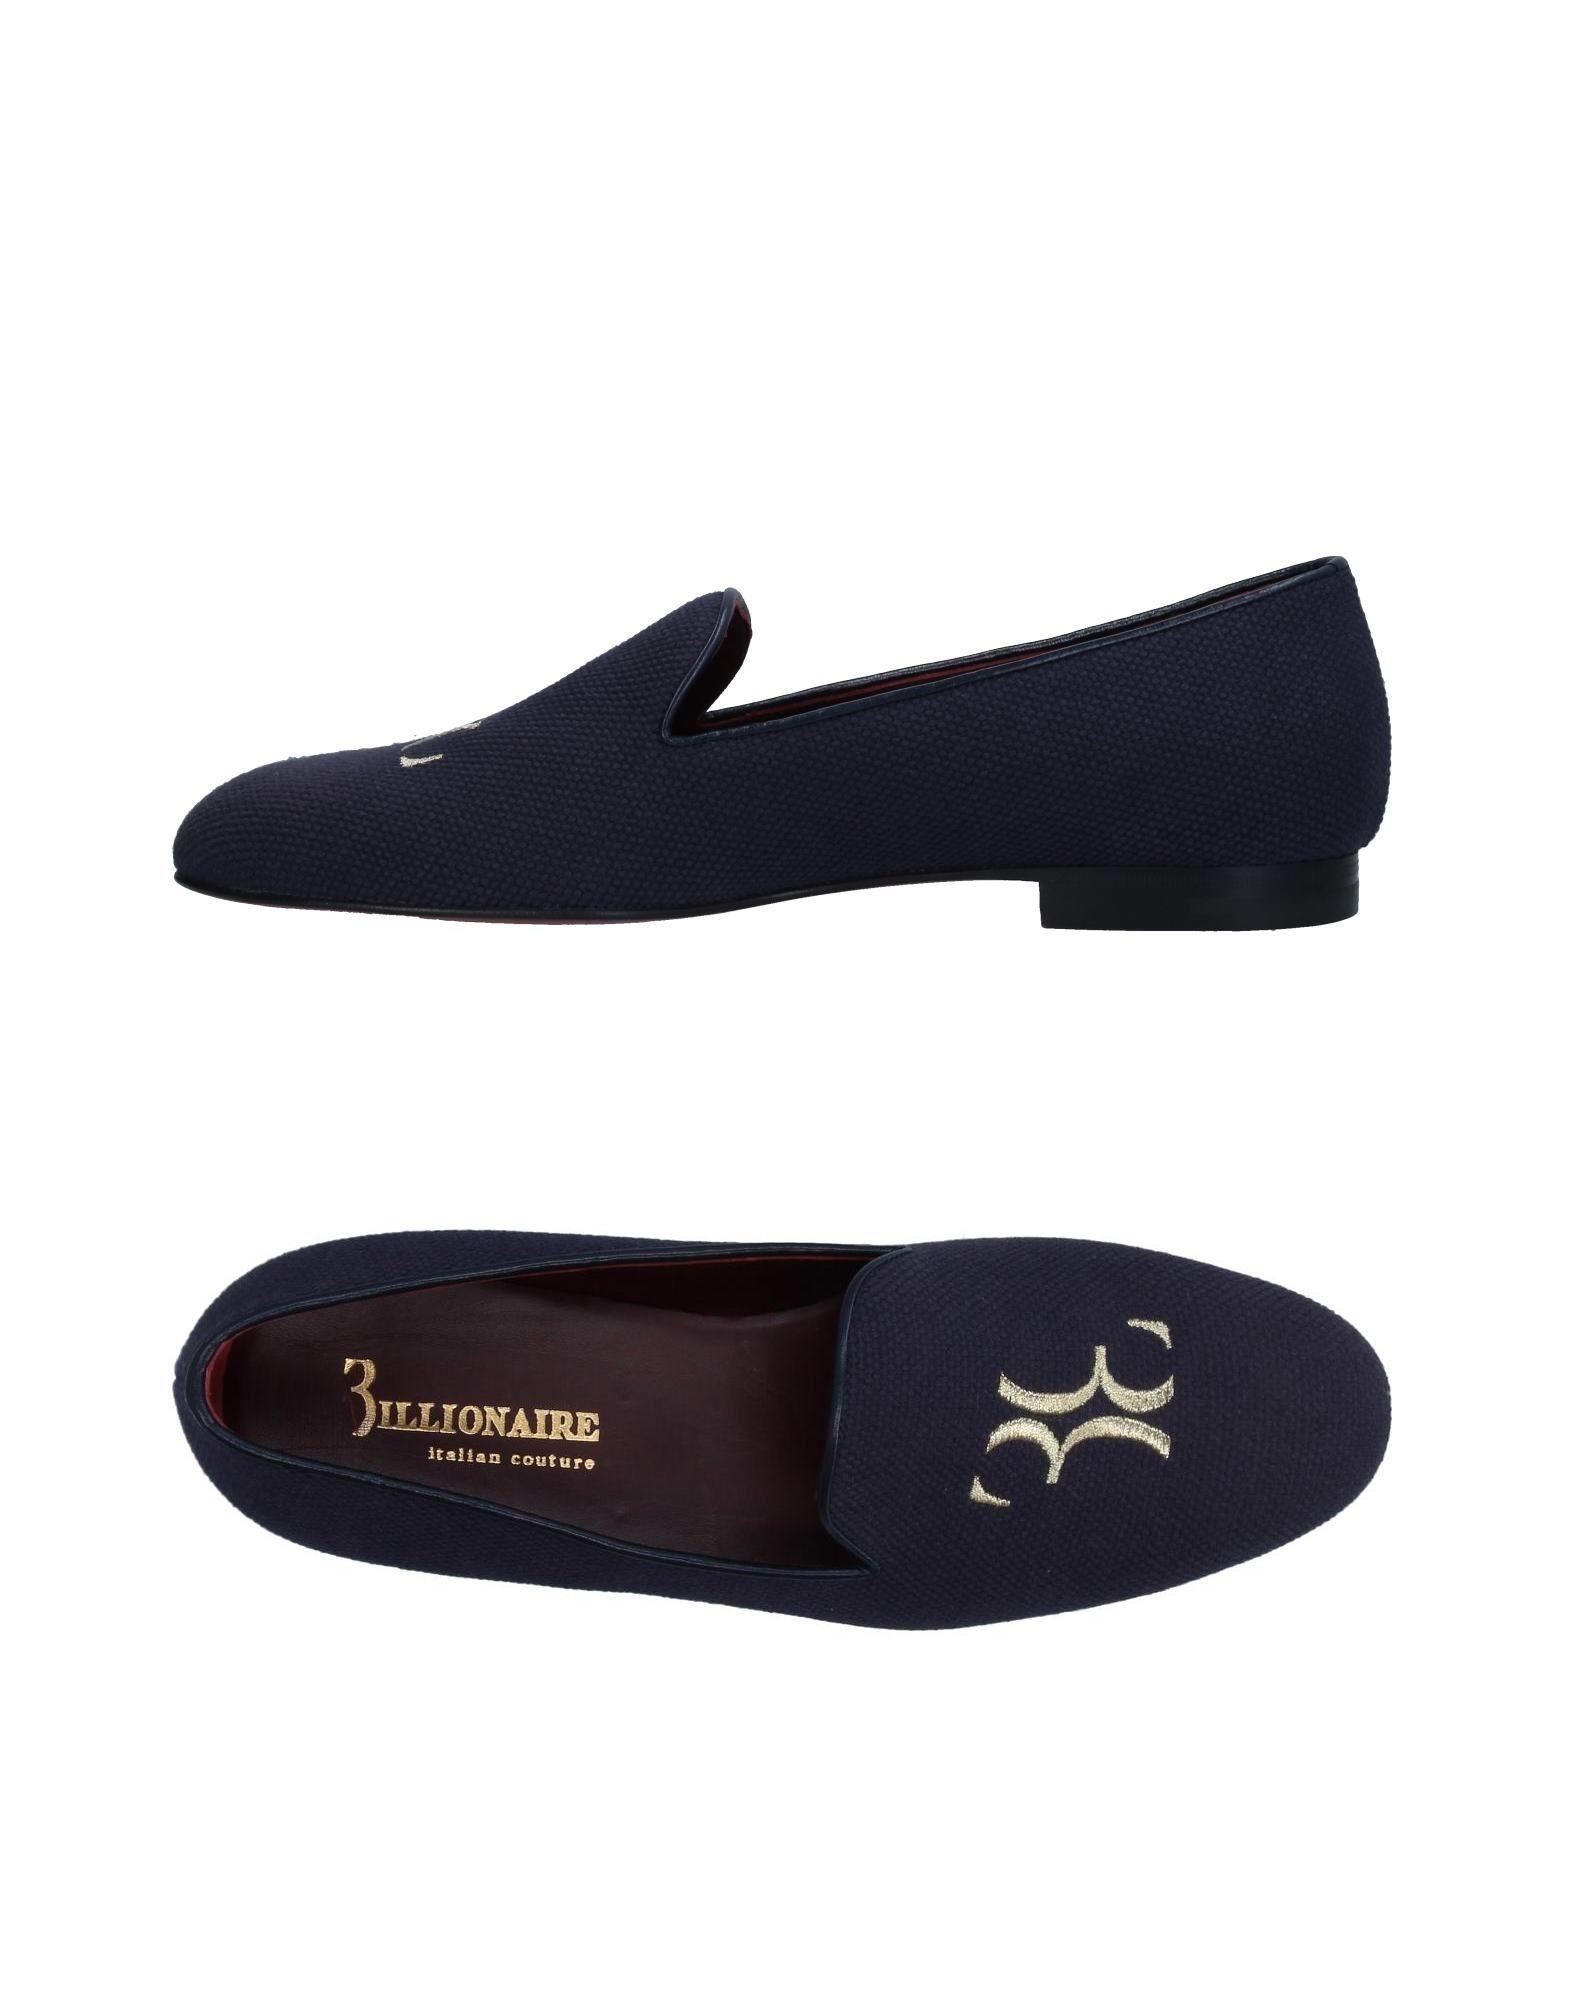 Billionaire Mokassins Herren  11336965WF Gute Qualität beliebte Schuhe